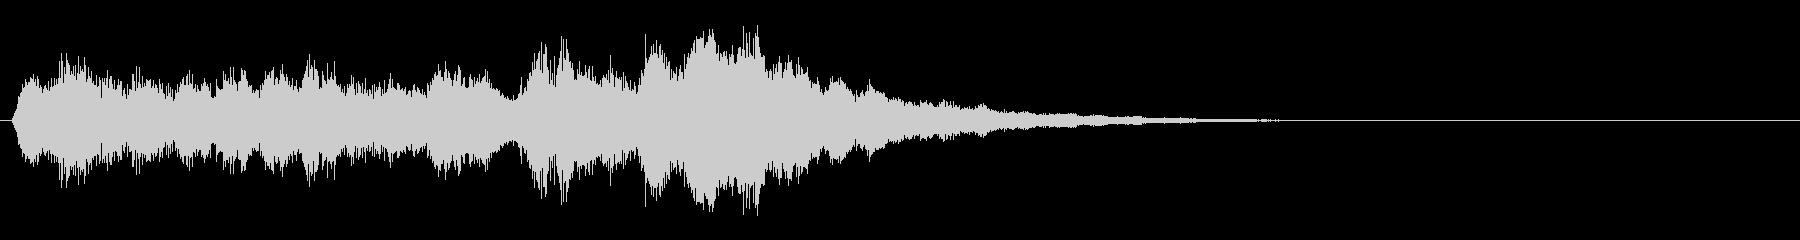 ベル音↑上昇フレーズ レベルアップなどの未再生の波形